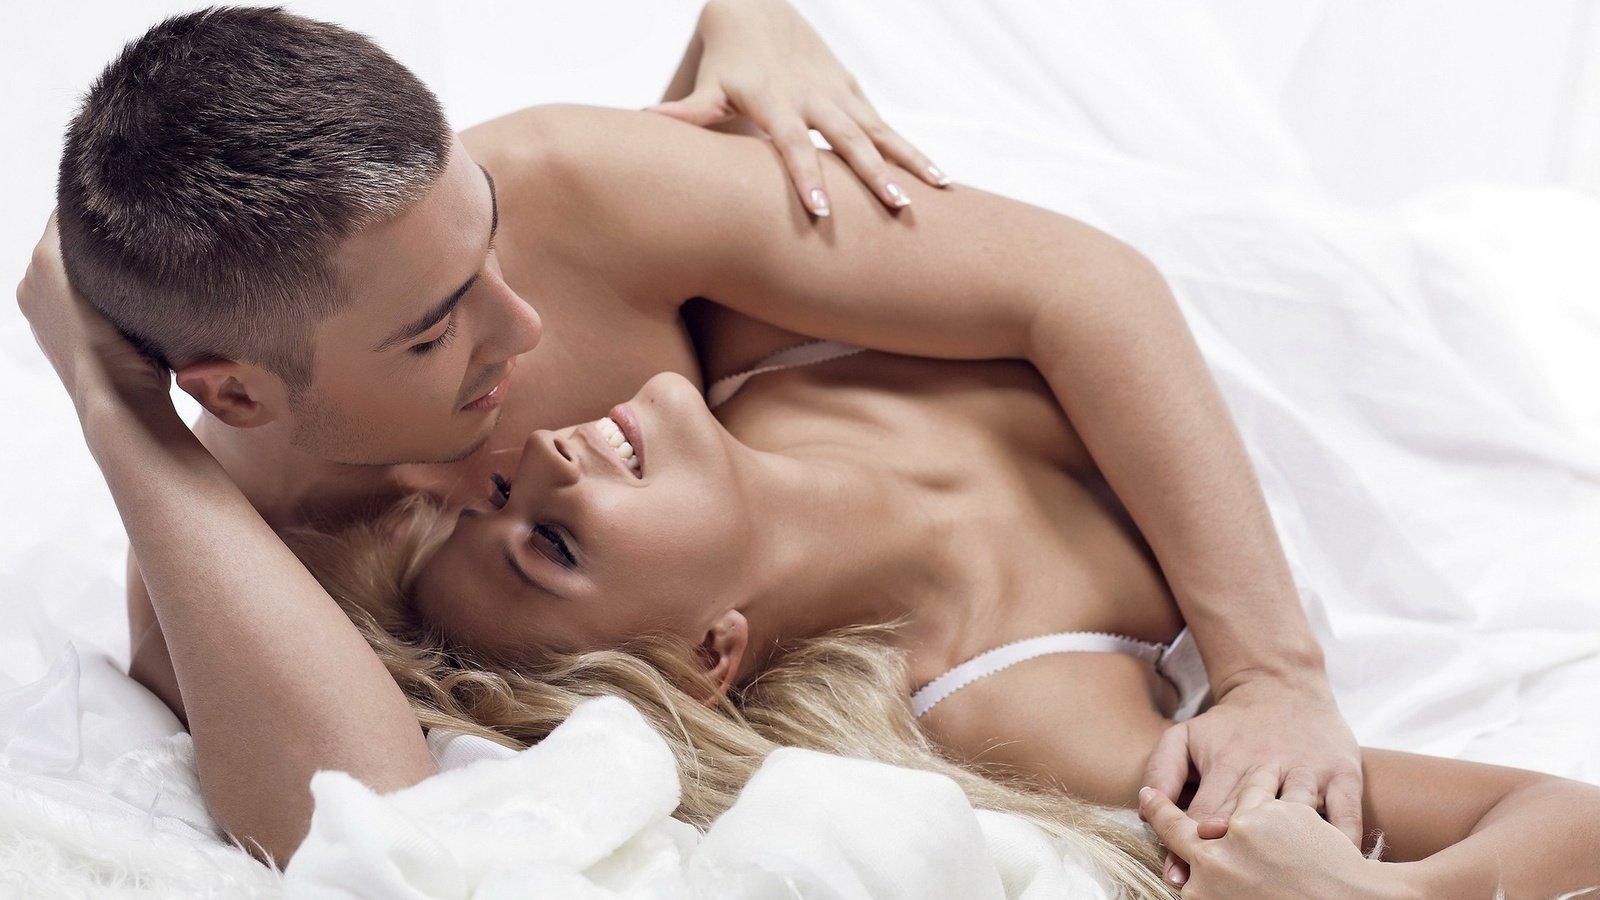 музыка для порно для мужа